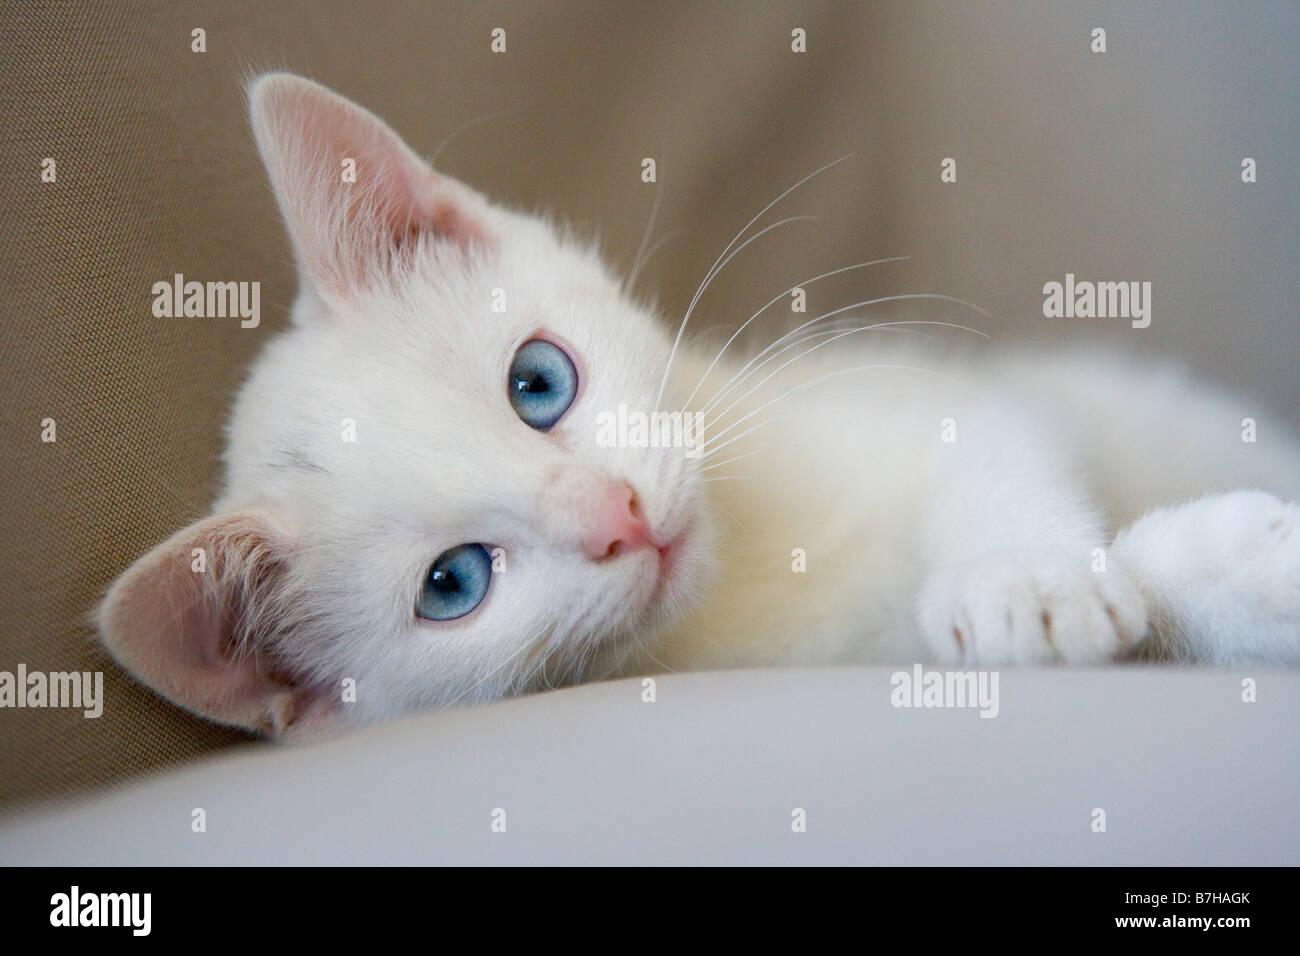 Gattino bianco con occhi blu Immagini Stock